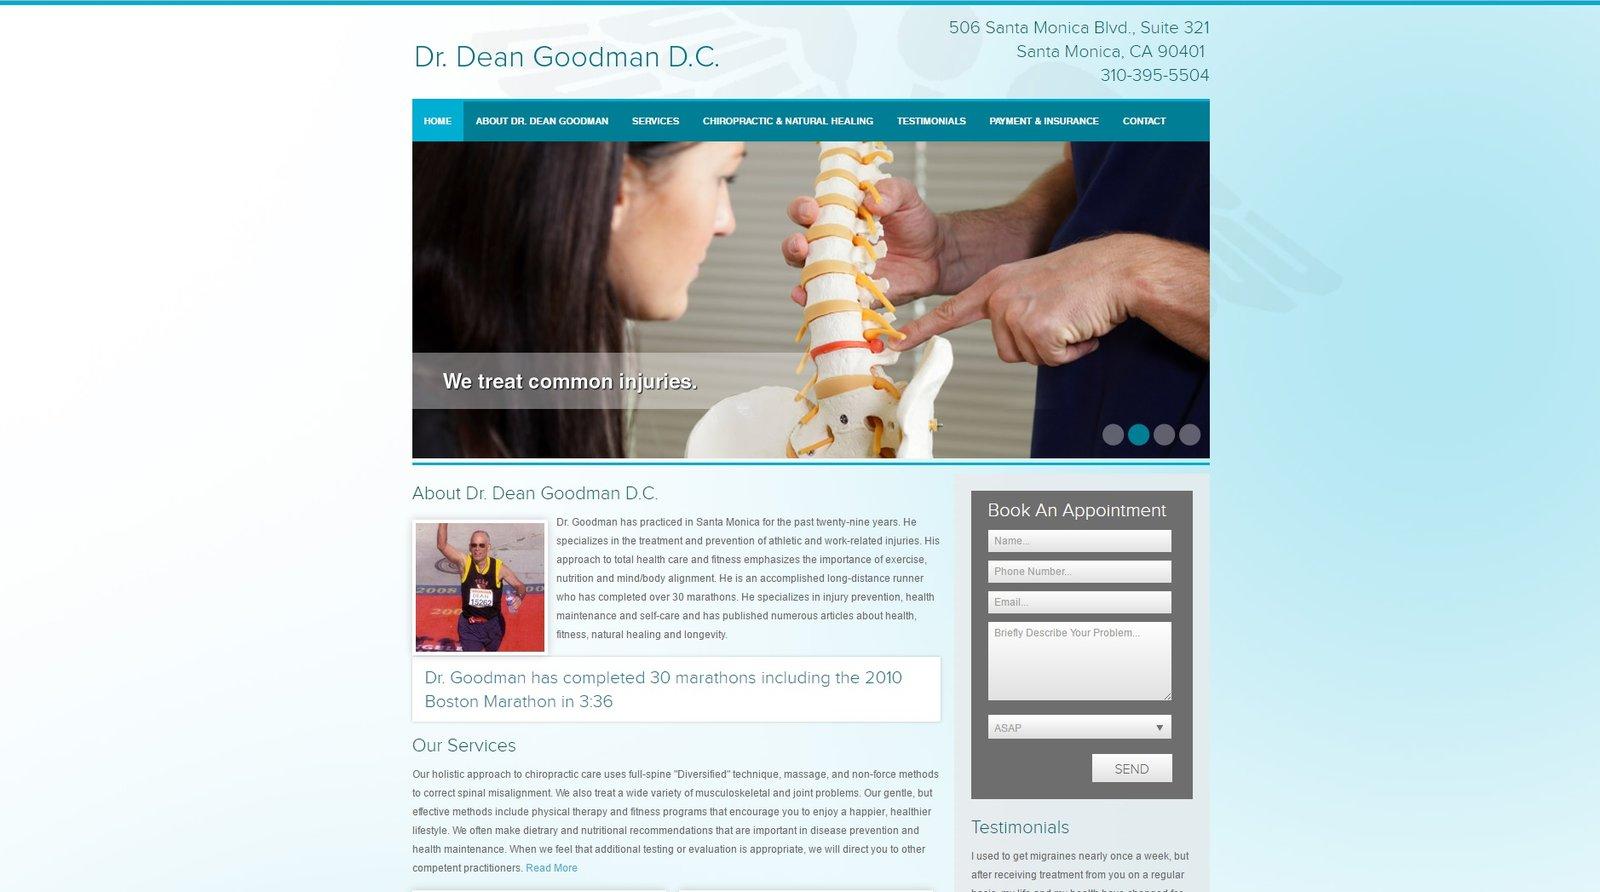 web design for Dr Dean Goodman